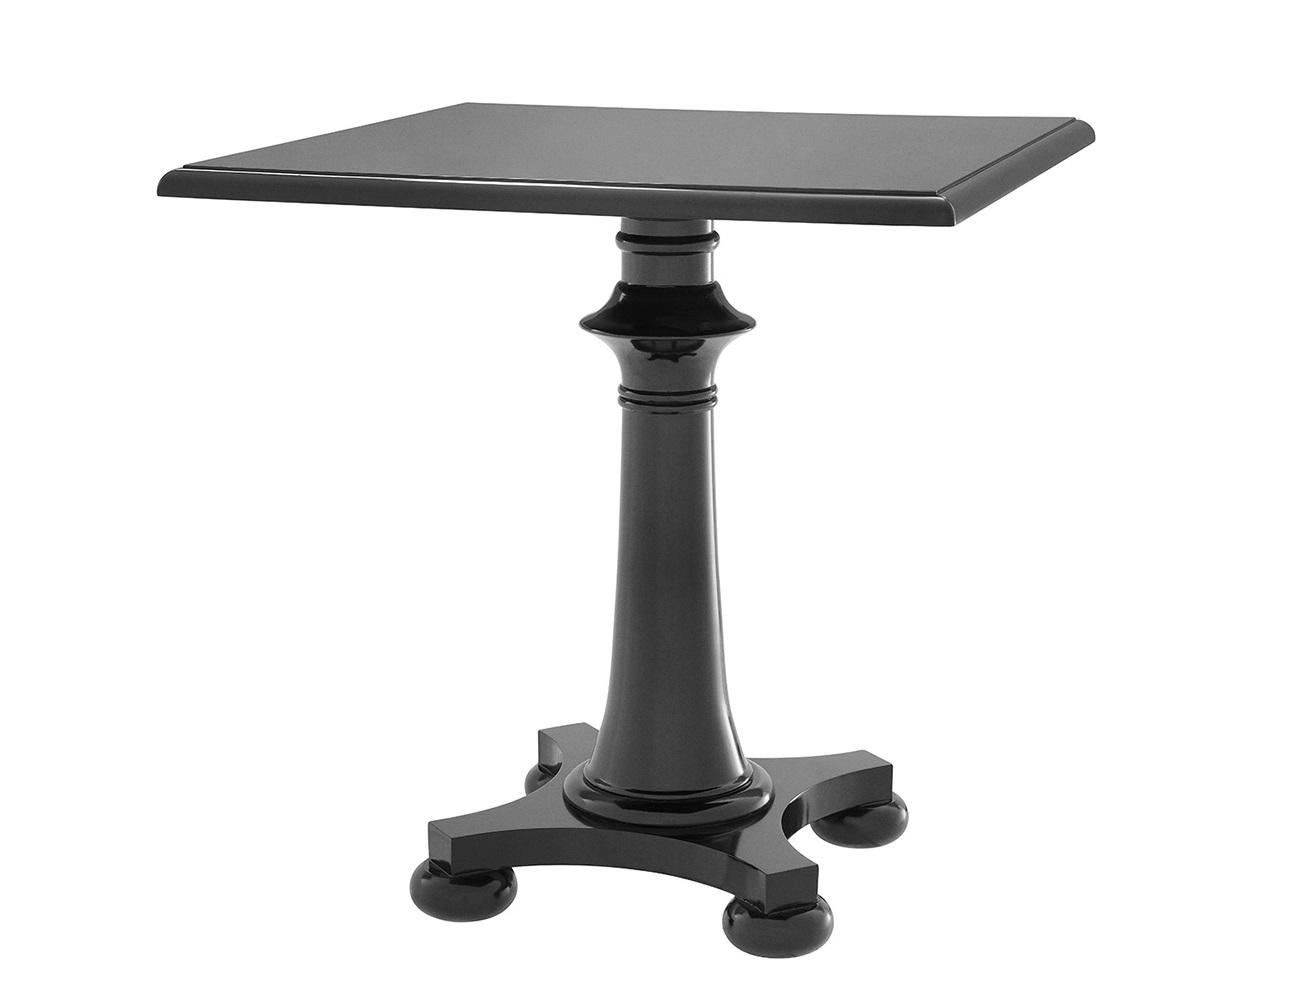 СтолОбеденные столы<br>Столик Table Guinness выполнен из дерева черного цвета.<br><br>Material: Дерево<br>Width см: 75<br>Depth см: 75<br>Height см: 75